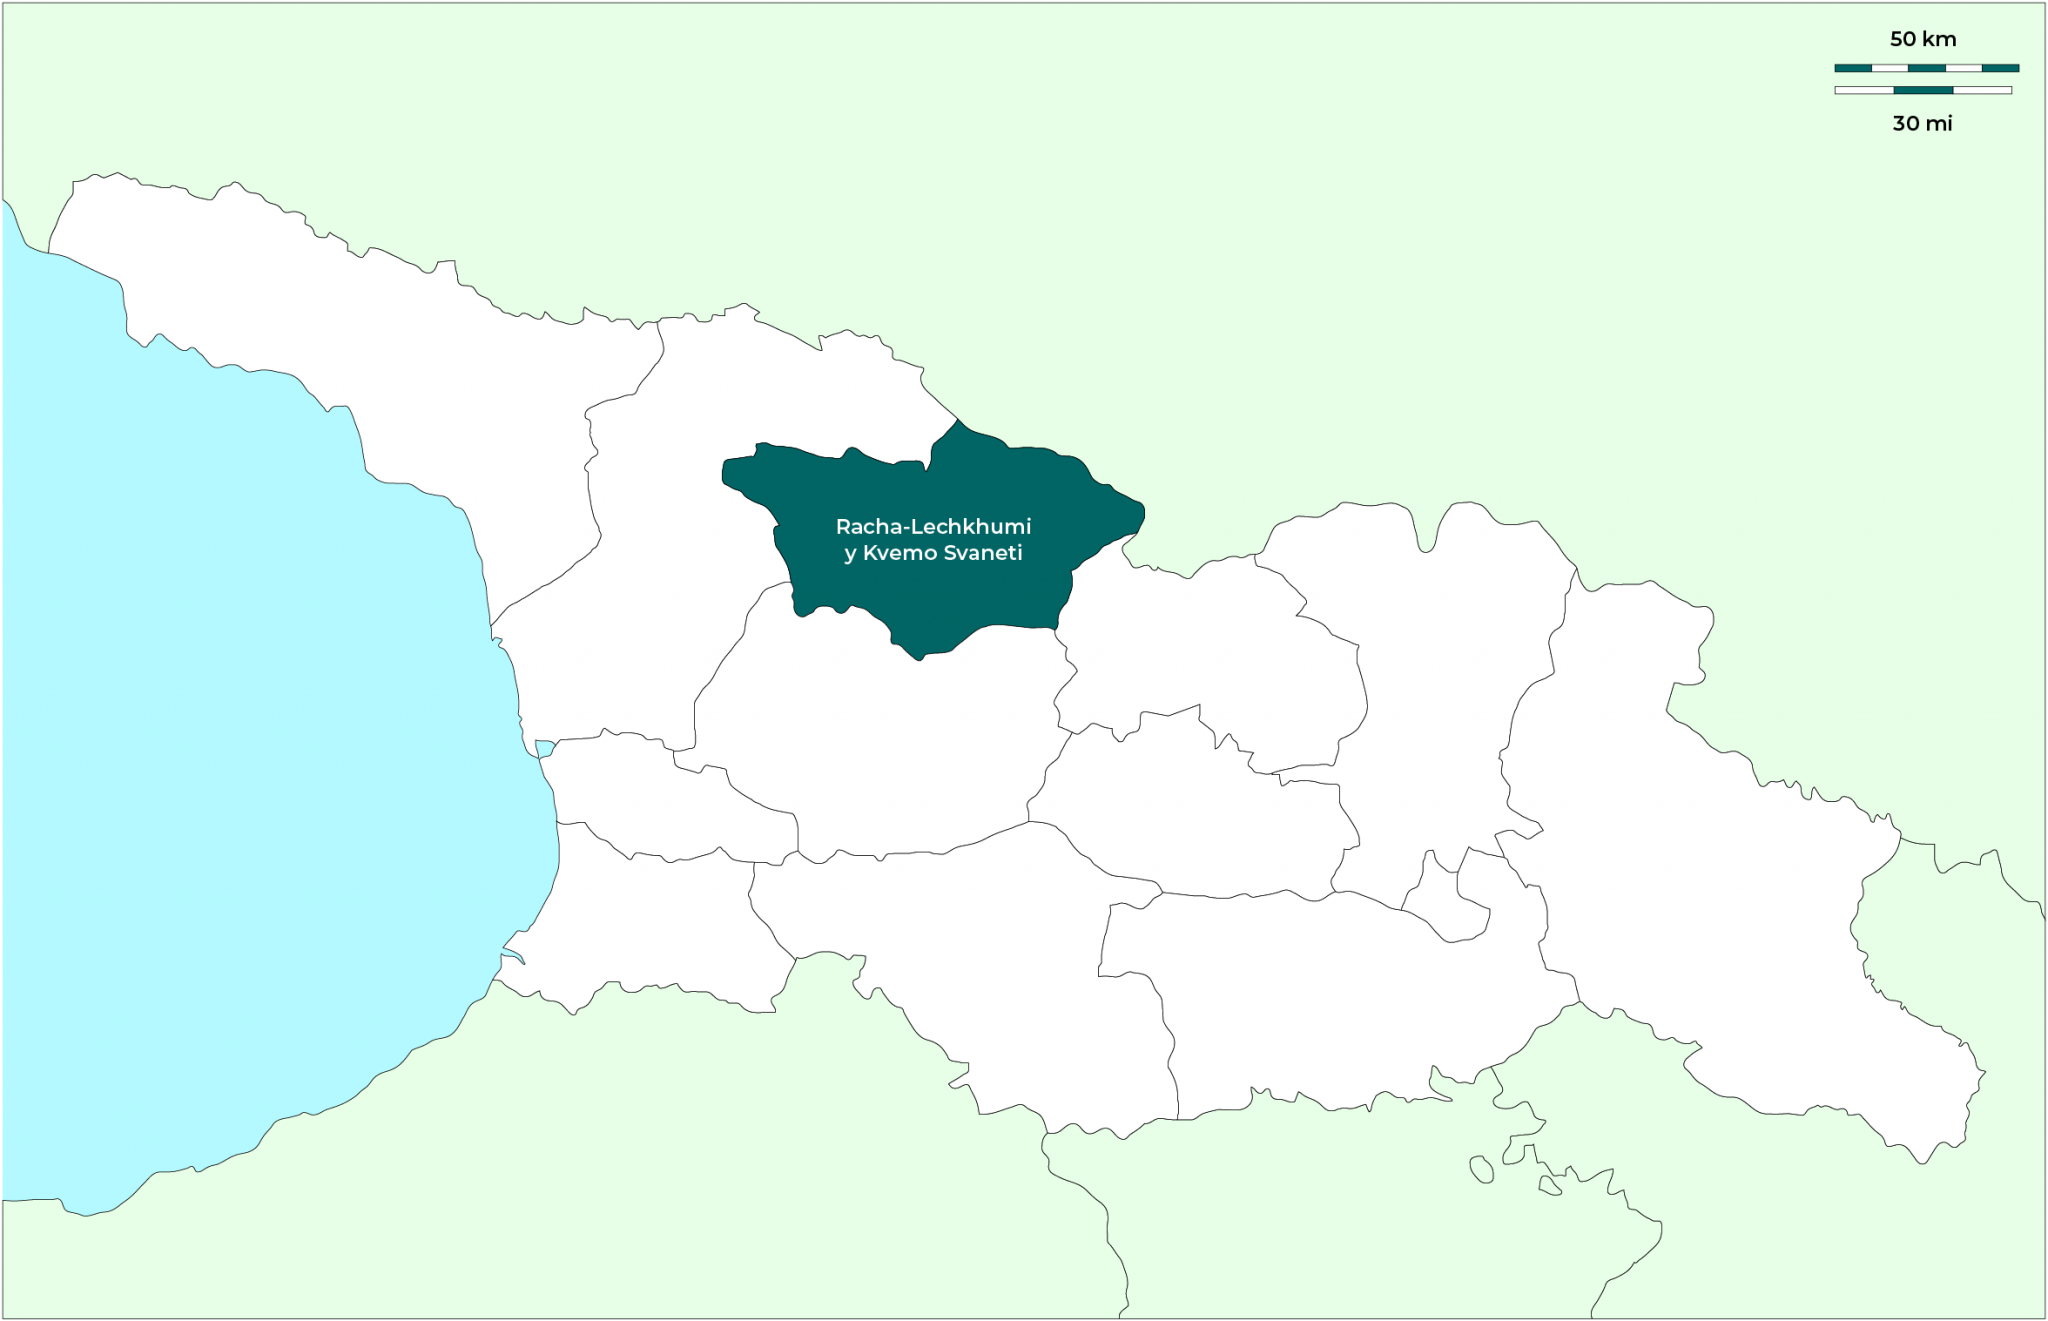 Región de Racha-Lechkhumi y Kvemo Svaneti: Mapa